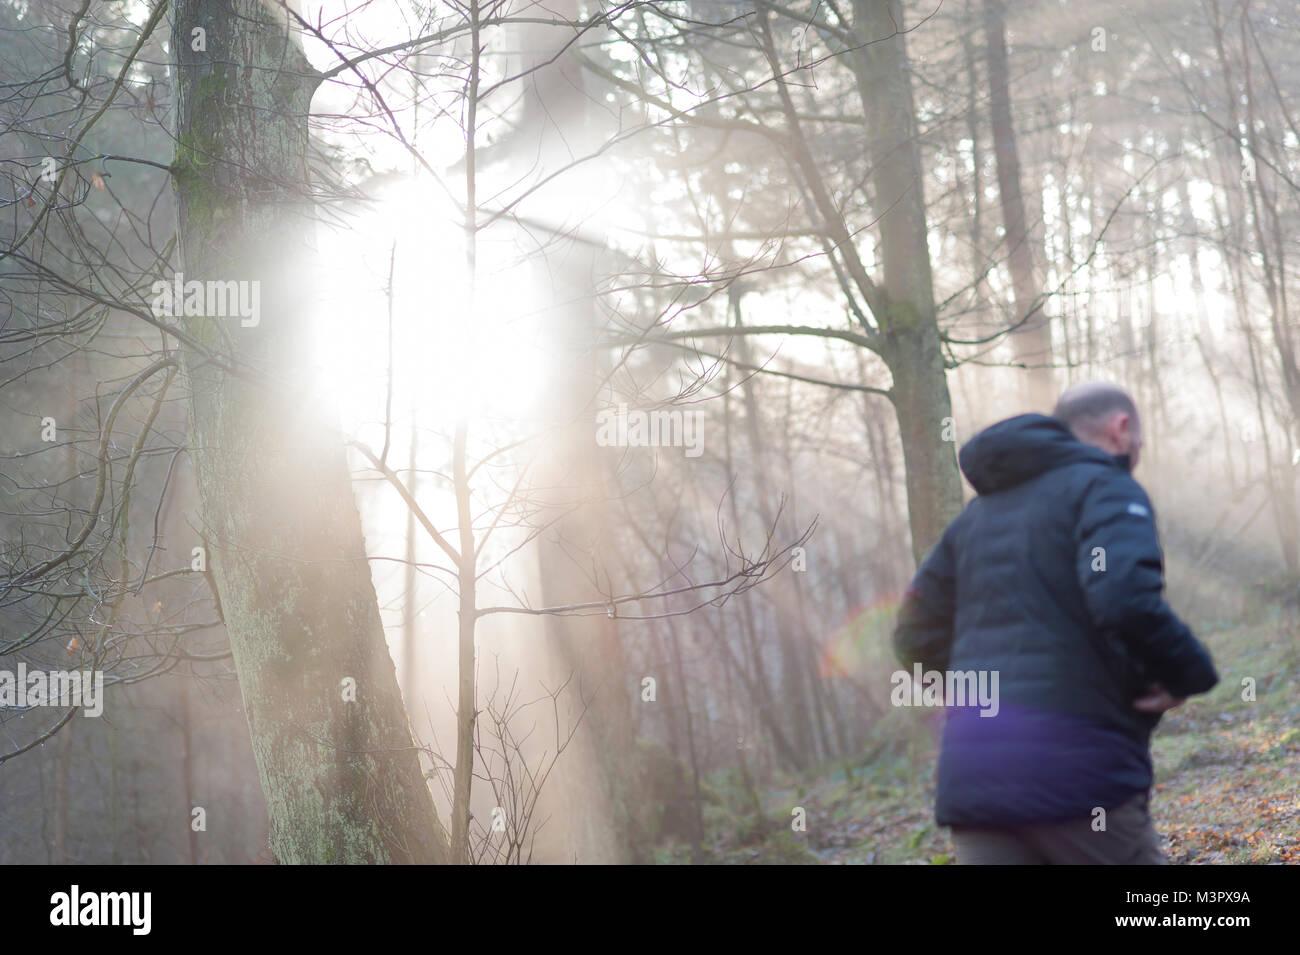 Ein Mann geht in den Wald, sobald ein Sonnenstrahl bricht durch die Bäume Stockfoto